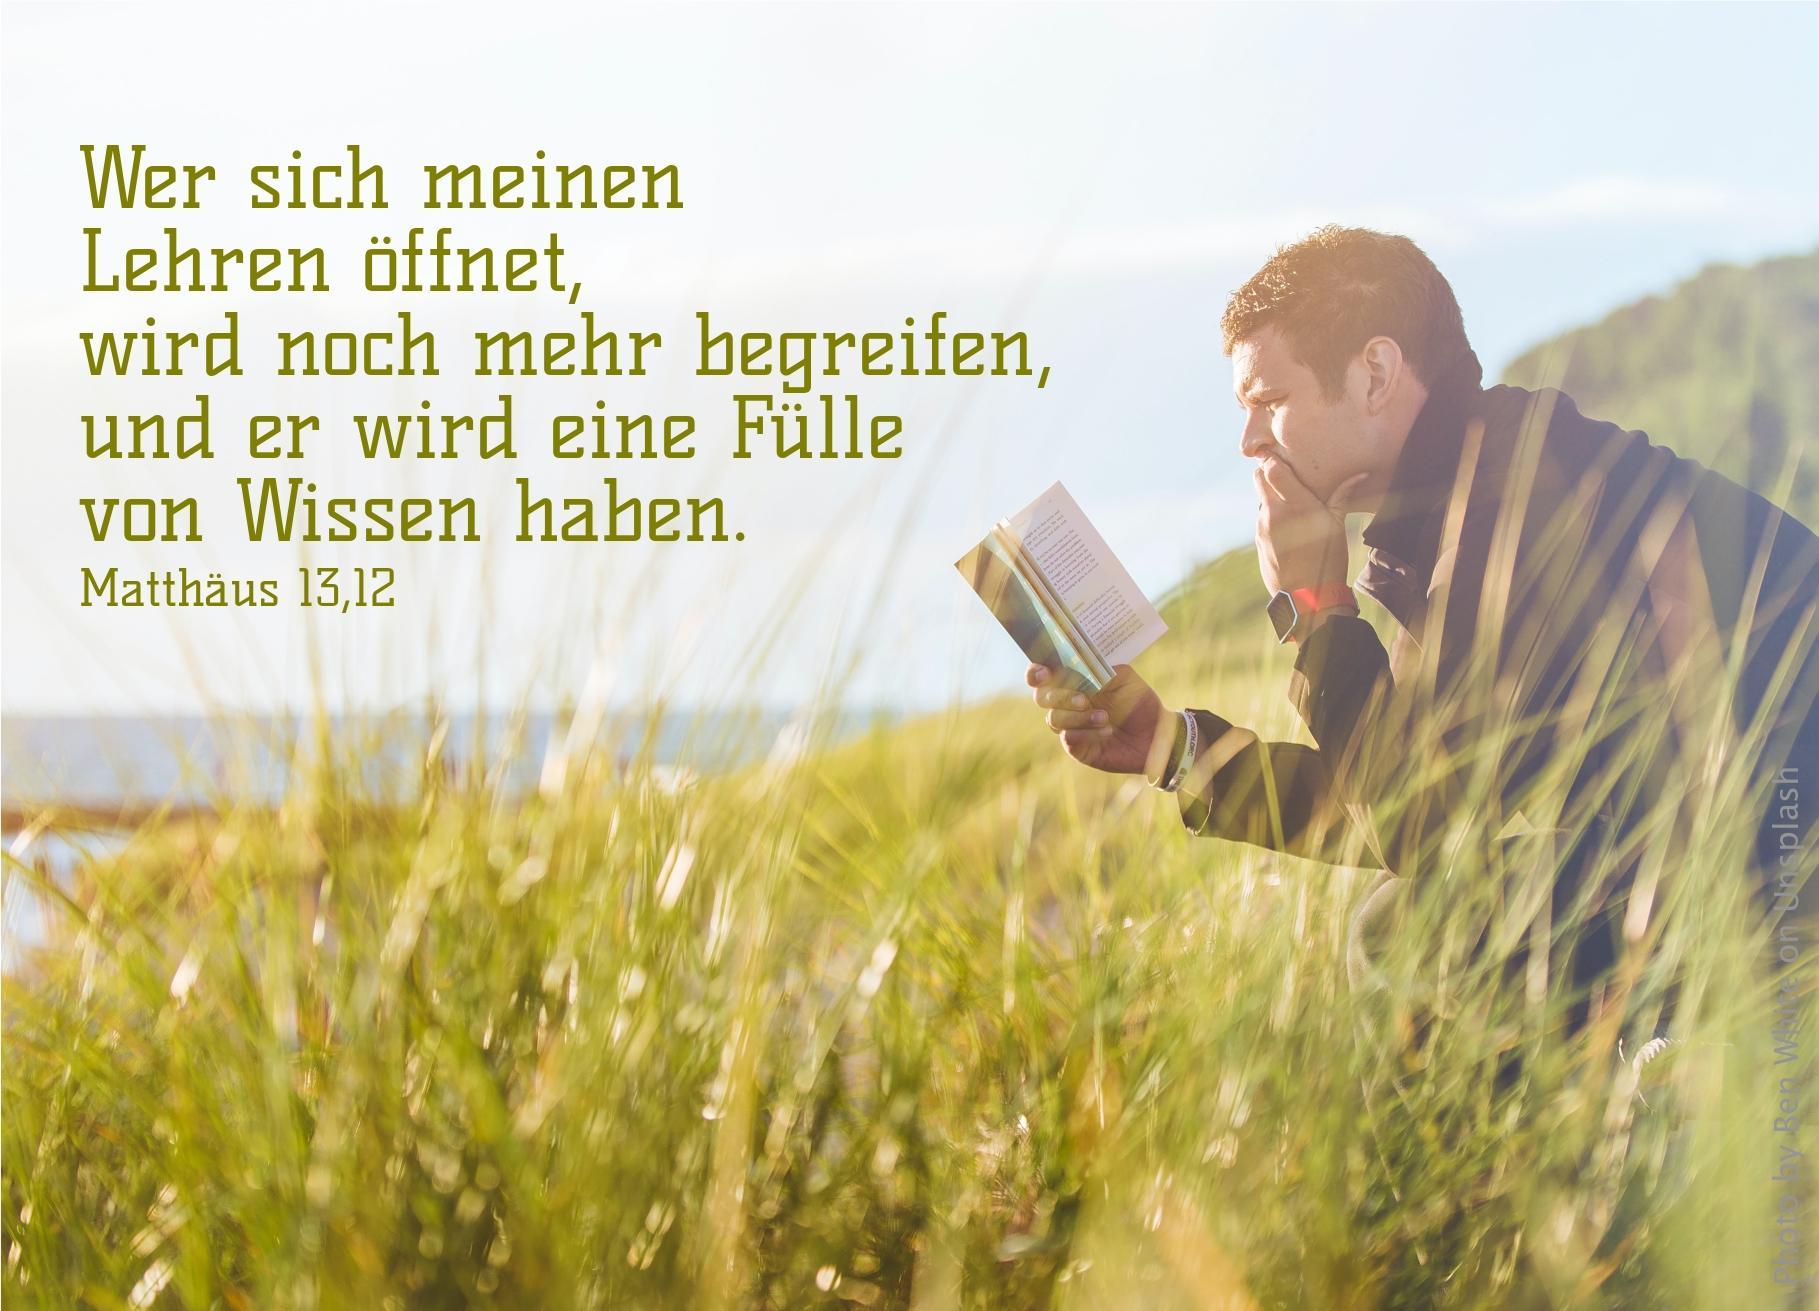 """alt=""""mann_sitzt_in_wiese_und_liest_erwartet_bibelhoerbuch_nadab_und_abihu"""""""